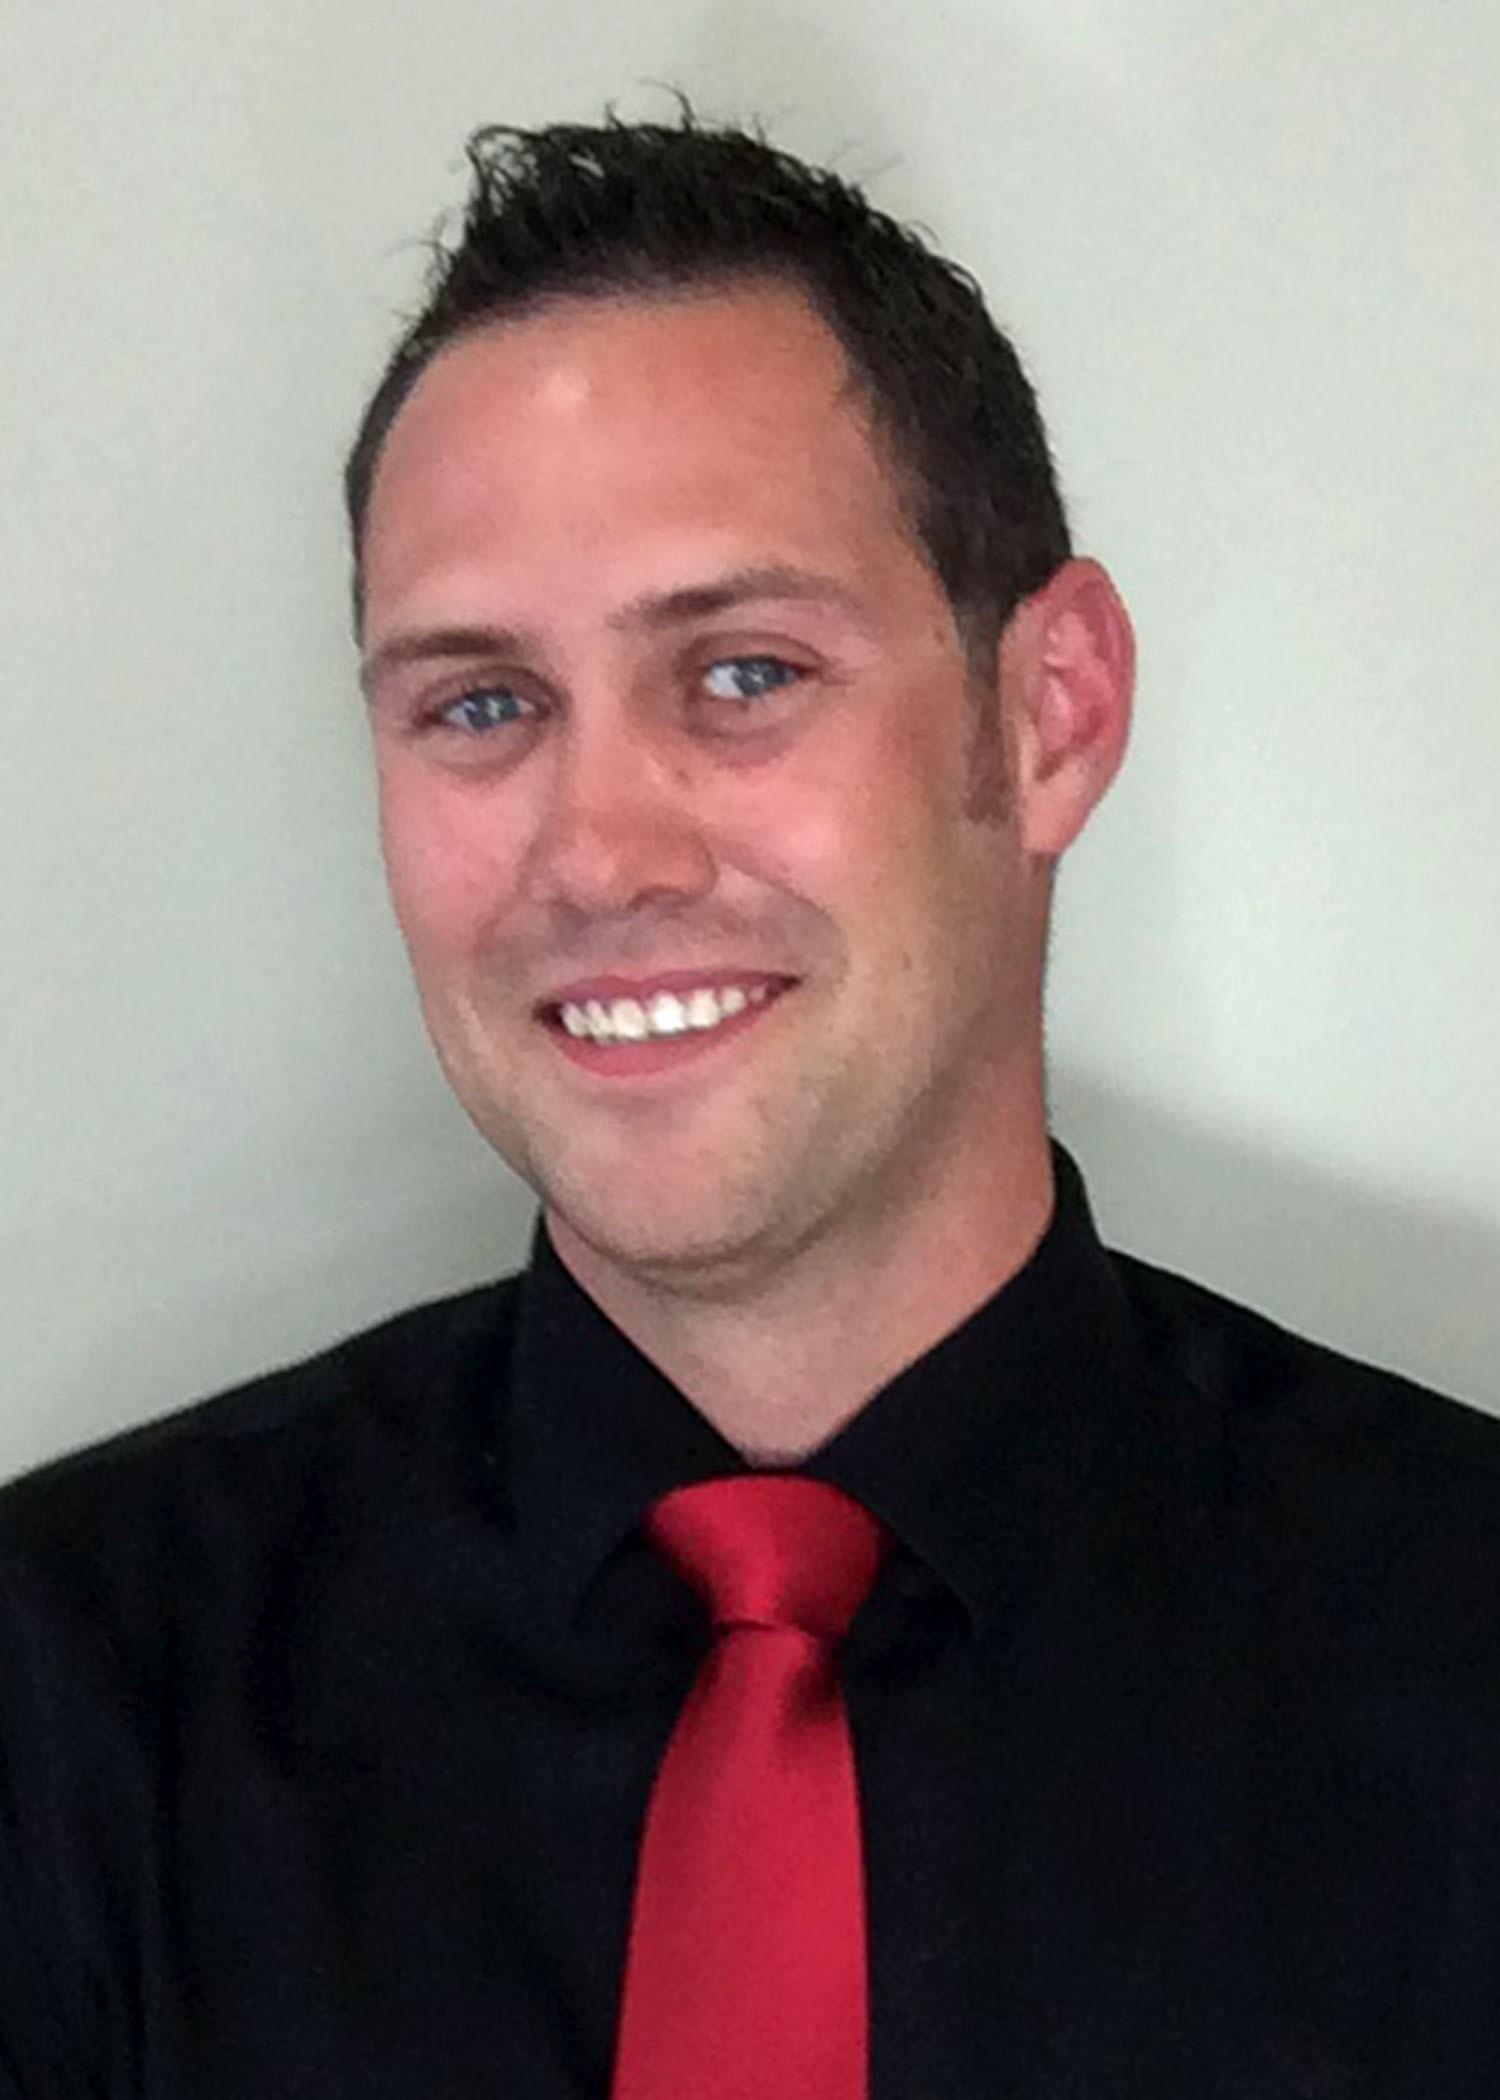 Steve Domolewski